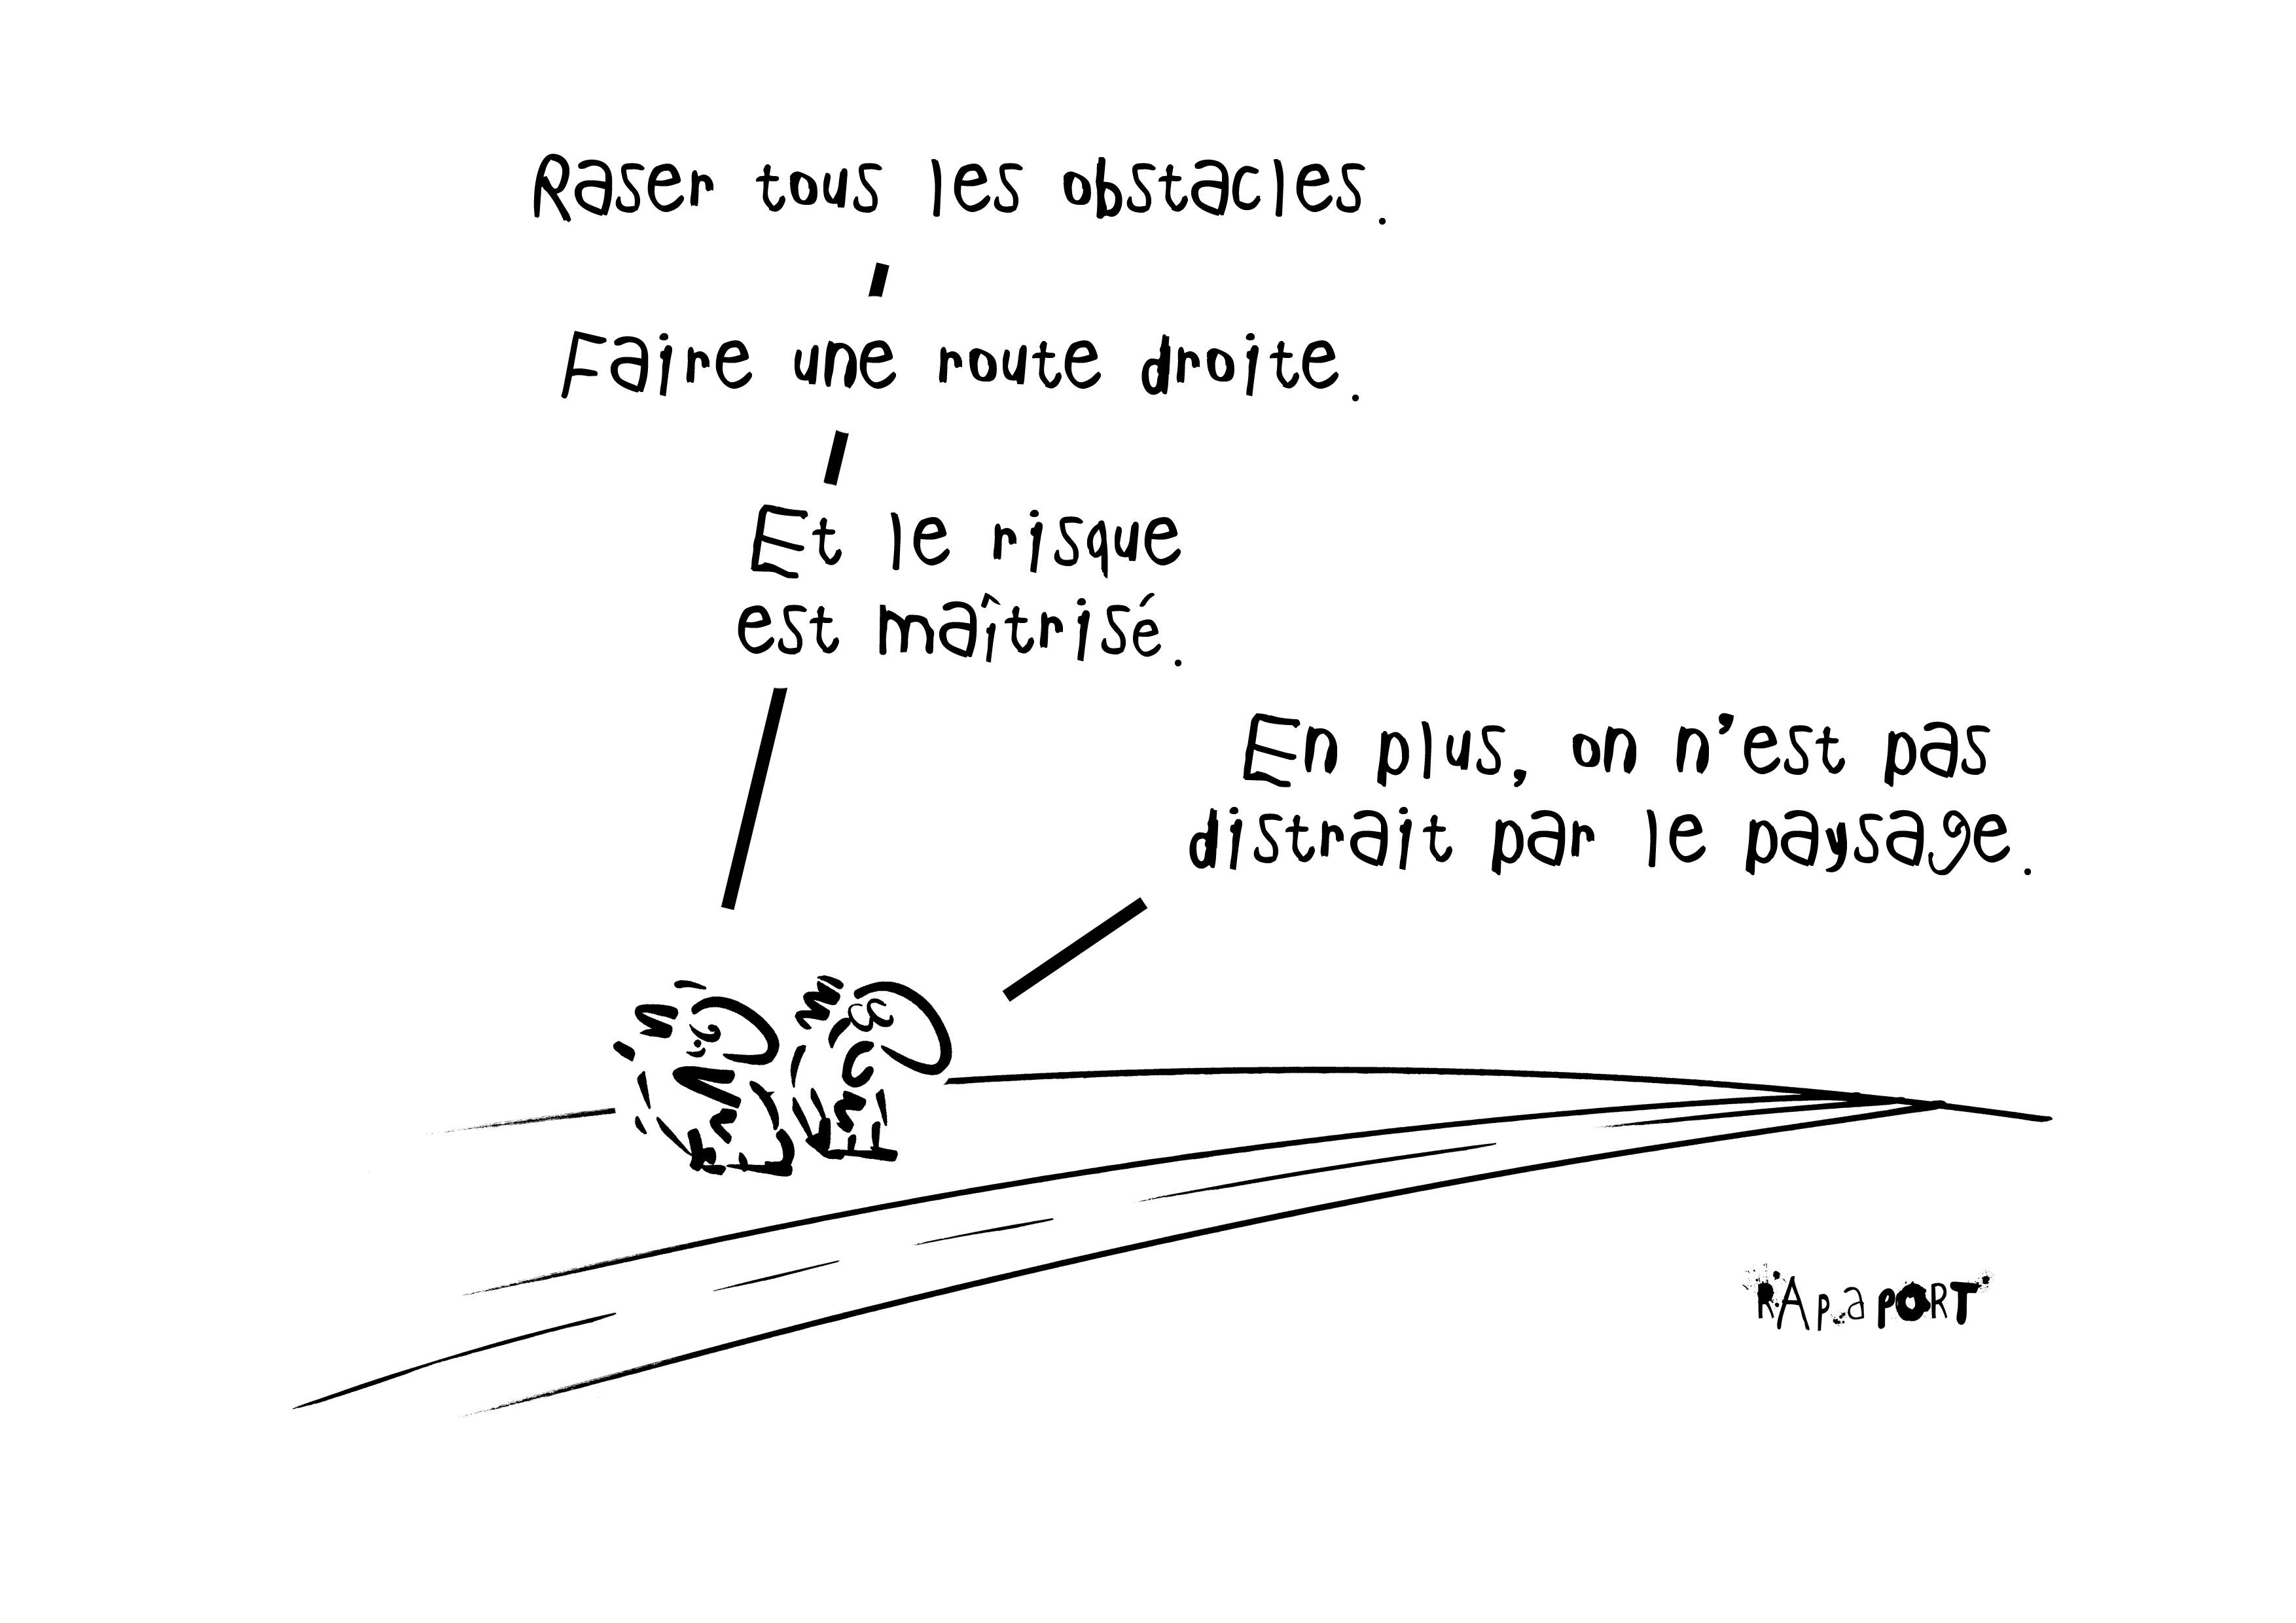 RAPAPORT:PRÉVENTION SÉCURITÉ59